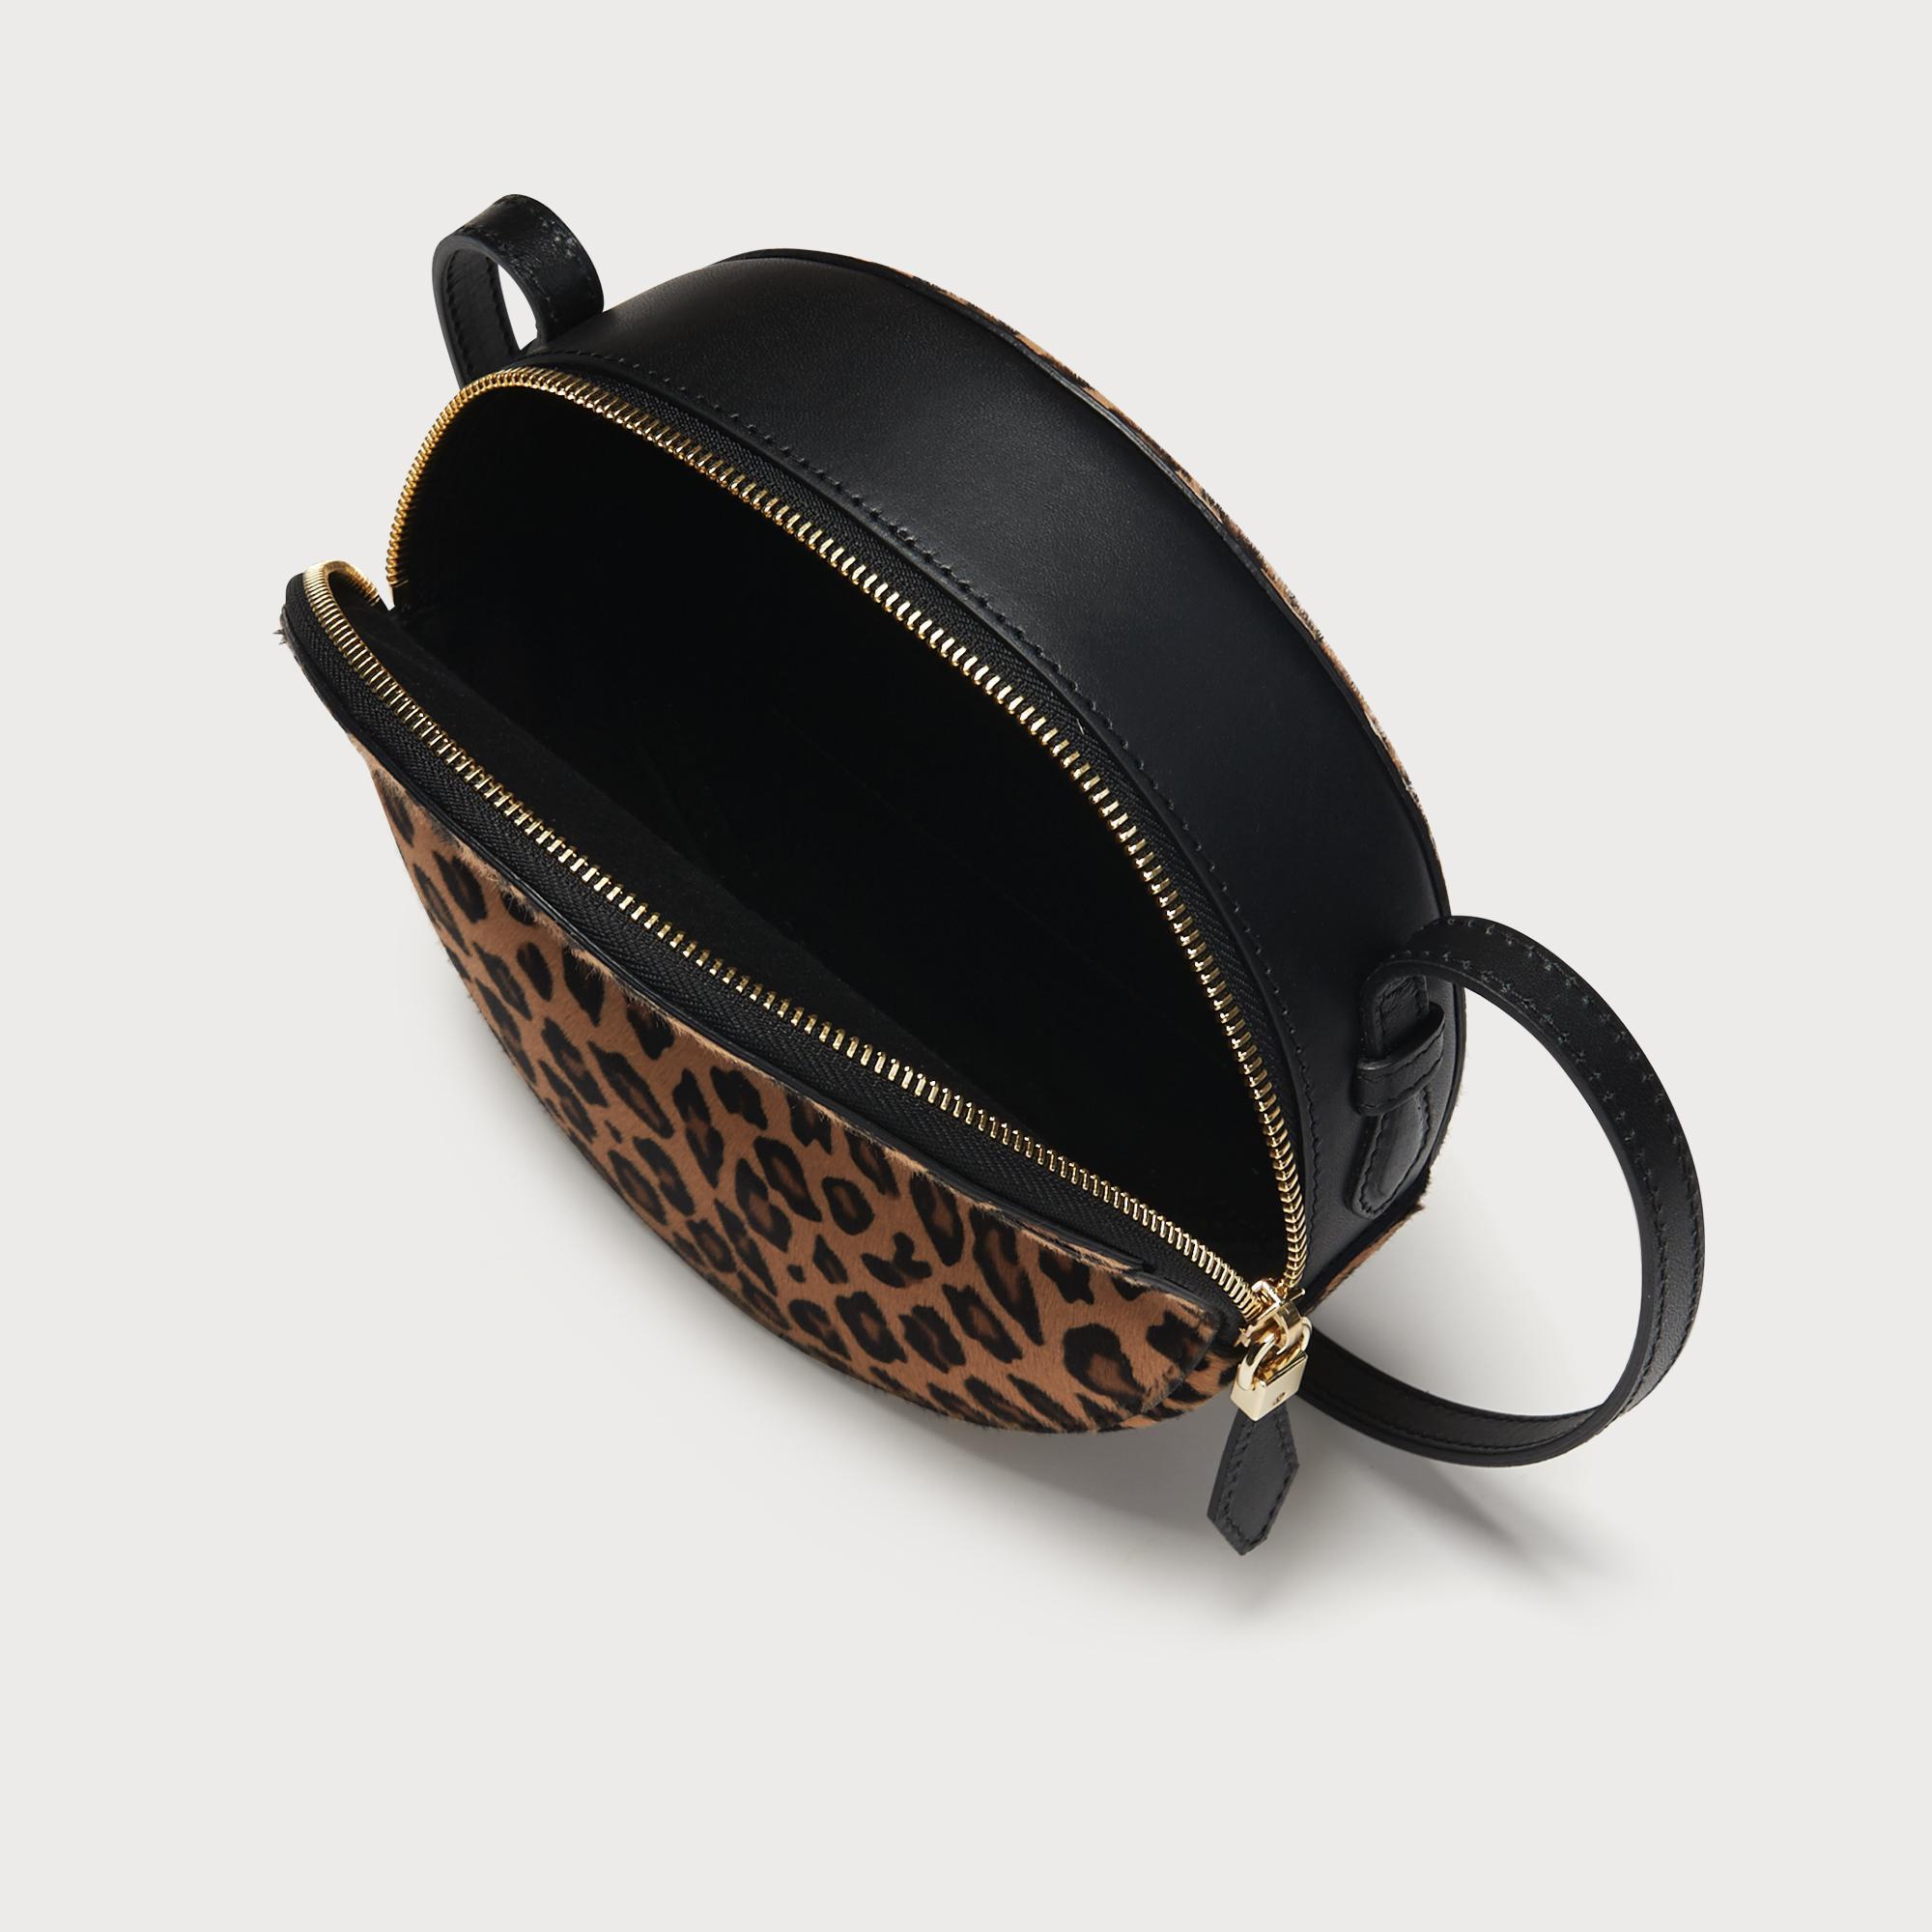 Tempat Jual Luna Bag Terbaru 2018 Jam Tangan Michael Kors Mk2542 Parke Leopard Print Calf Hair Shoulder Handbags Lkbennett Tap To Zoom